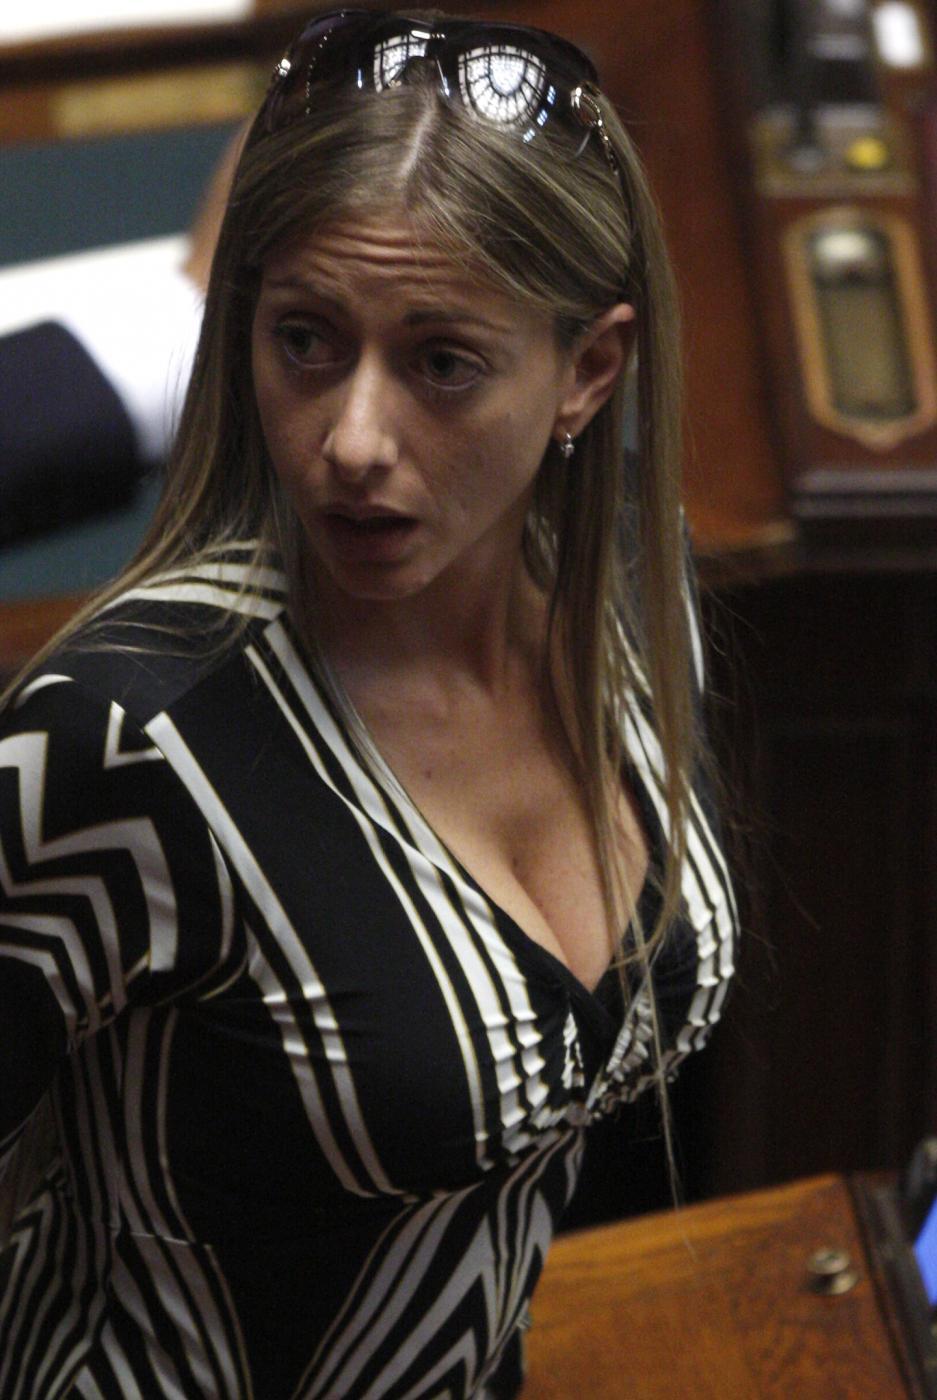 PIEDIMONTE MATESE – Processo Ruby, Berlusconi condannato. La senatrice Maria  Rosaria Rossi rischia per falsa testimonianza – Paese News cronaca politica  sport caserta e provincia